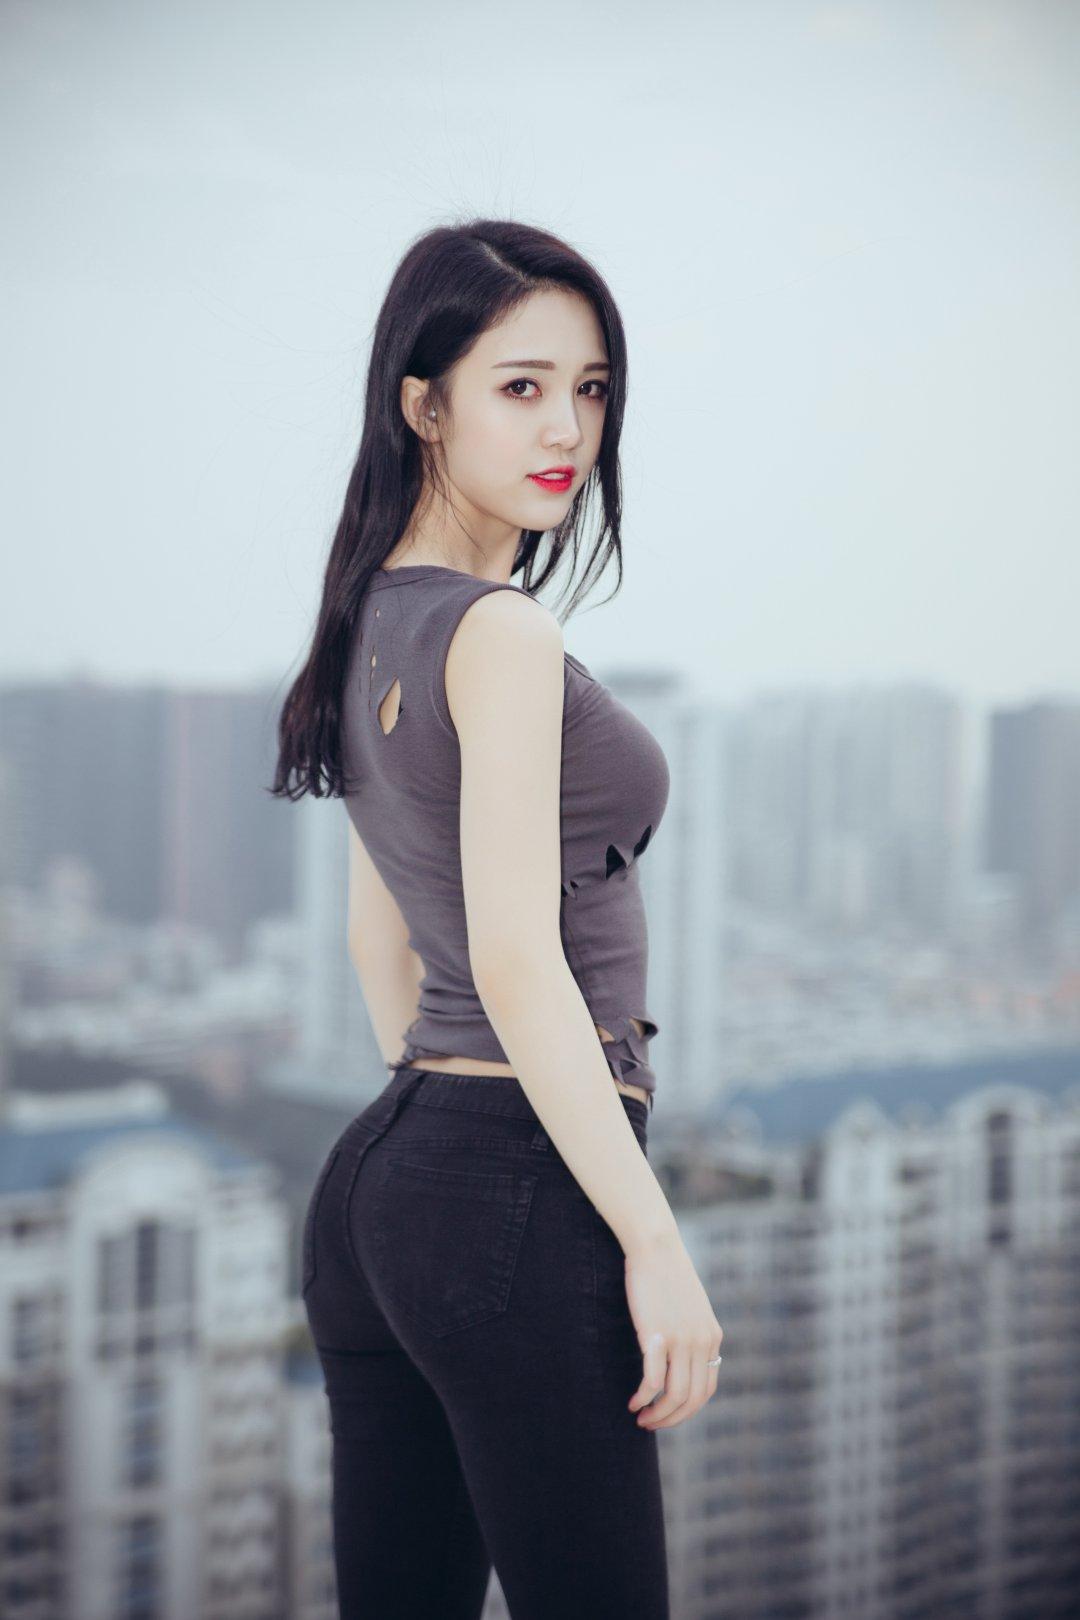 李倩倩 美女侧面摄影高清